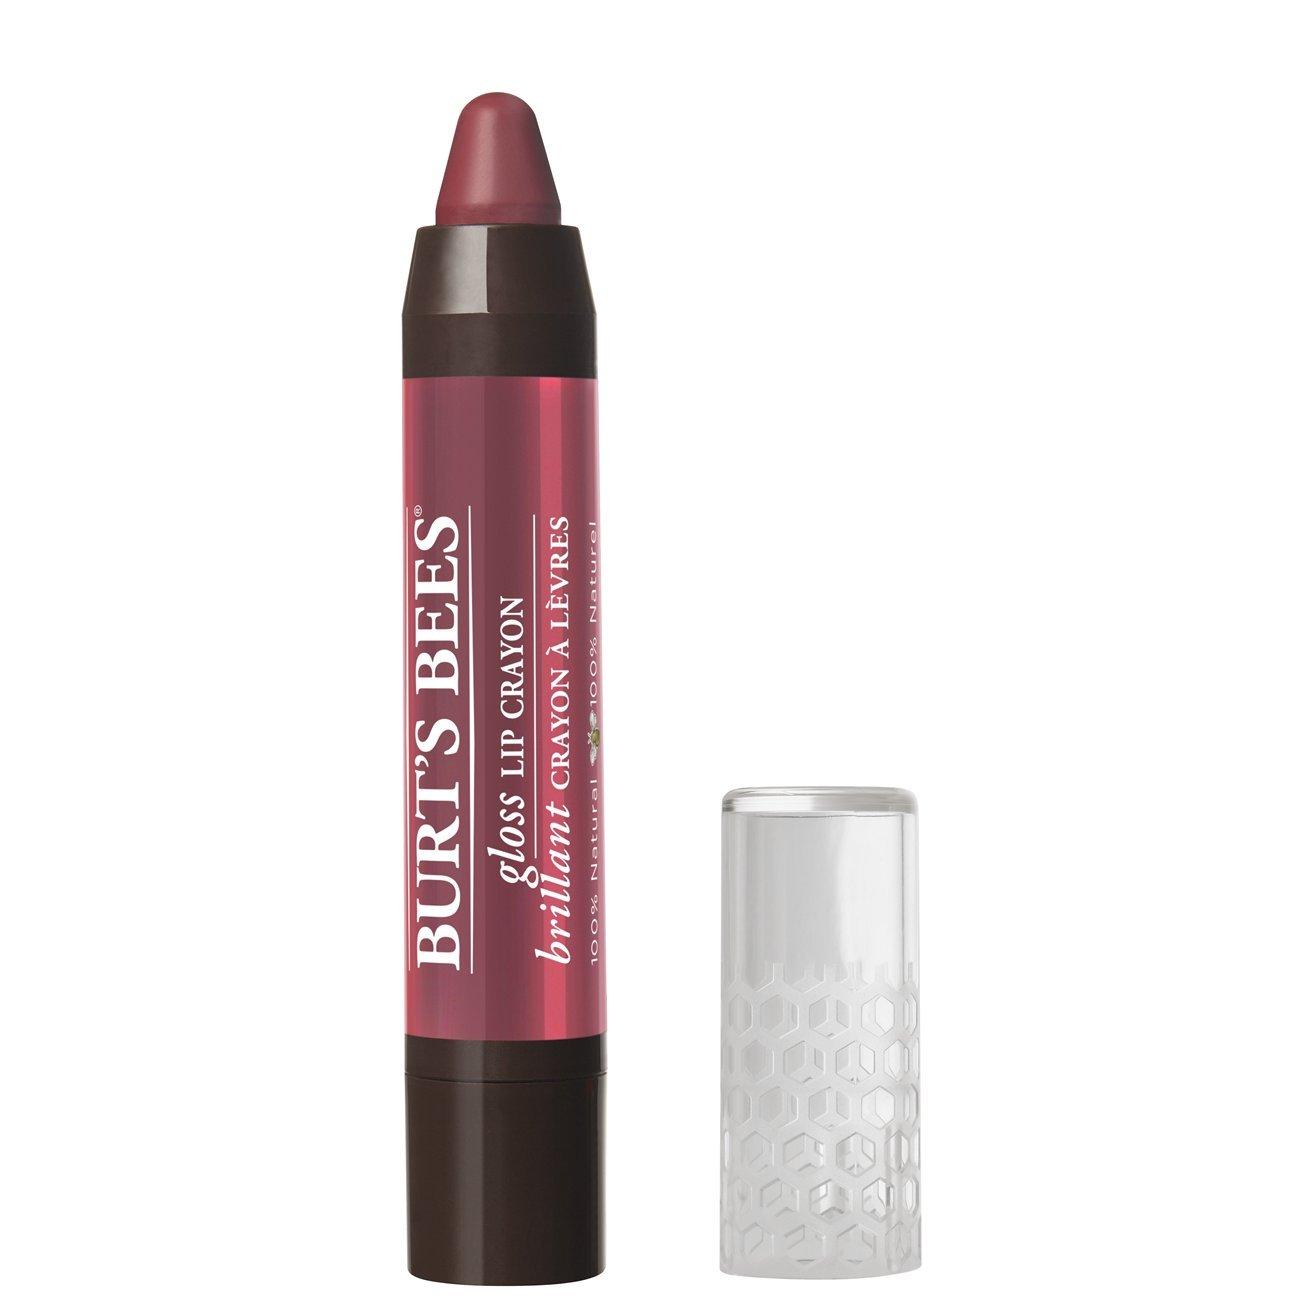 Burt's Bees 100% Natural Moisturizing Gloss Lip Crayon, Tahitian Sunset - 1 Crayon